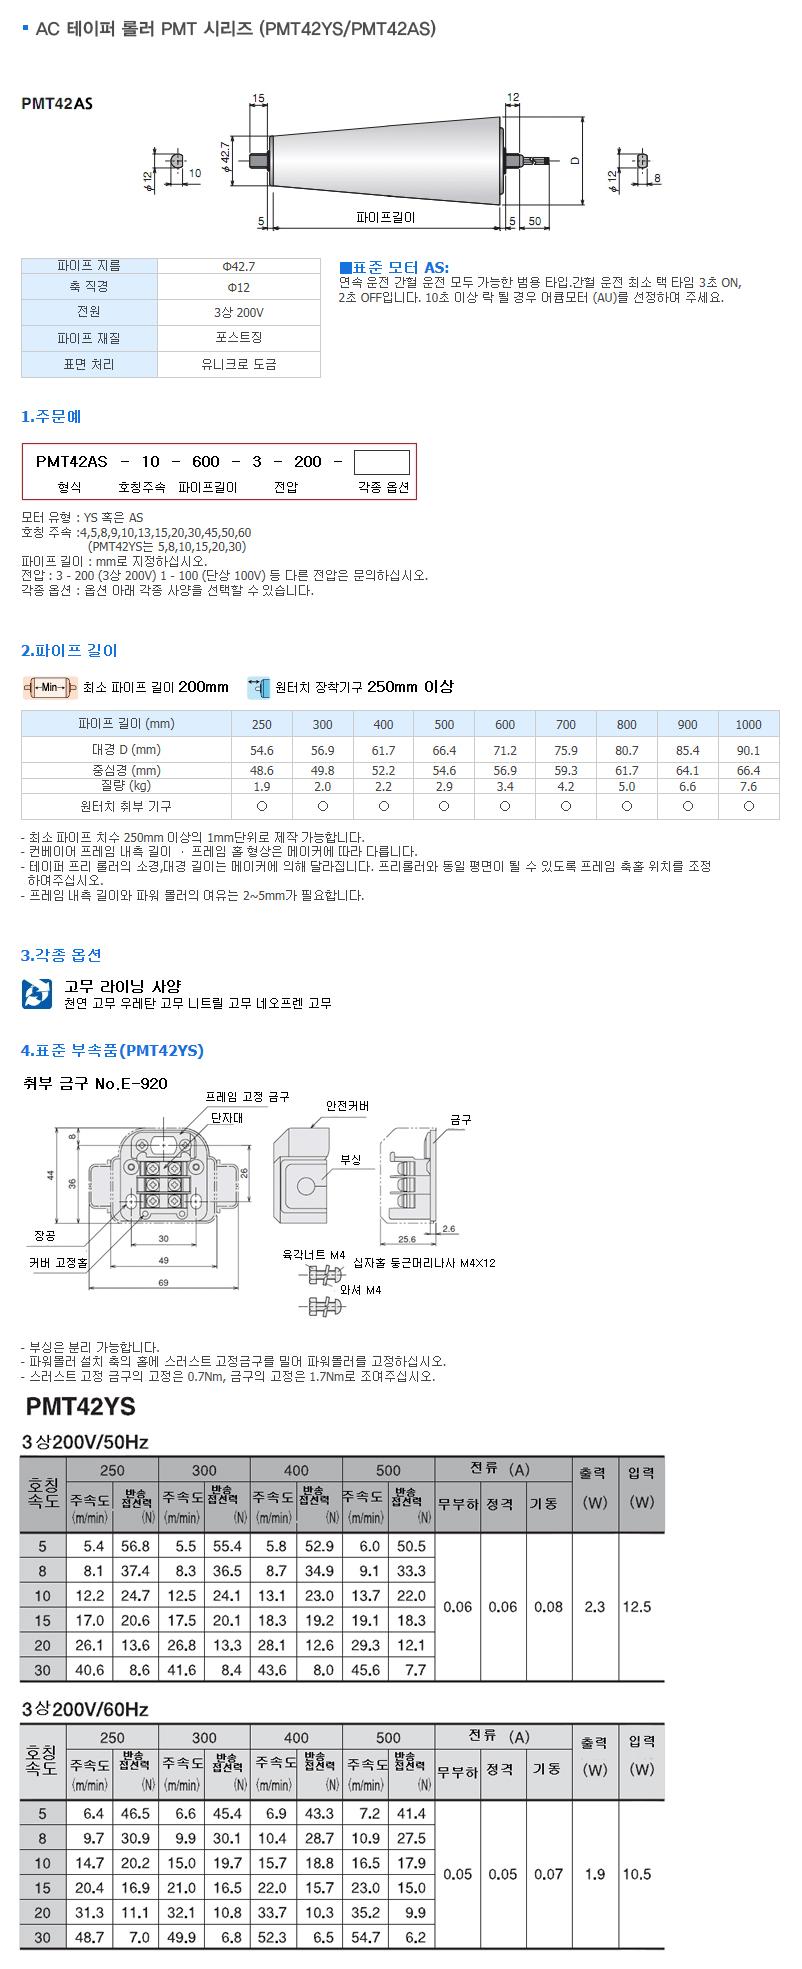 (주)은현산업 AC 테이퍼 롤러 PMT 시리즈 PMT42YS